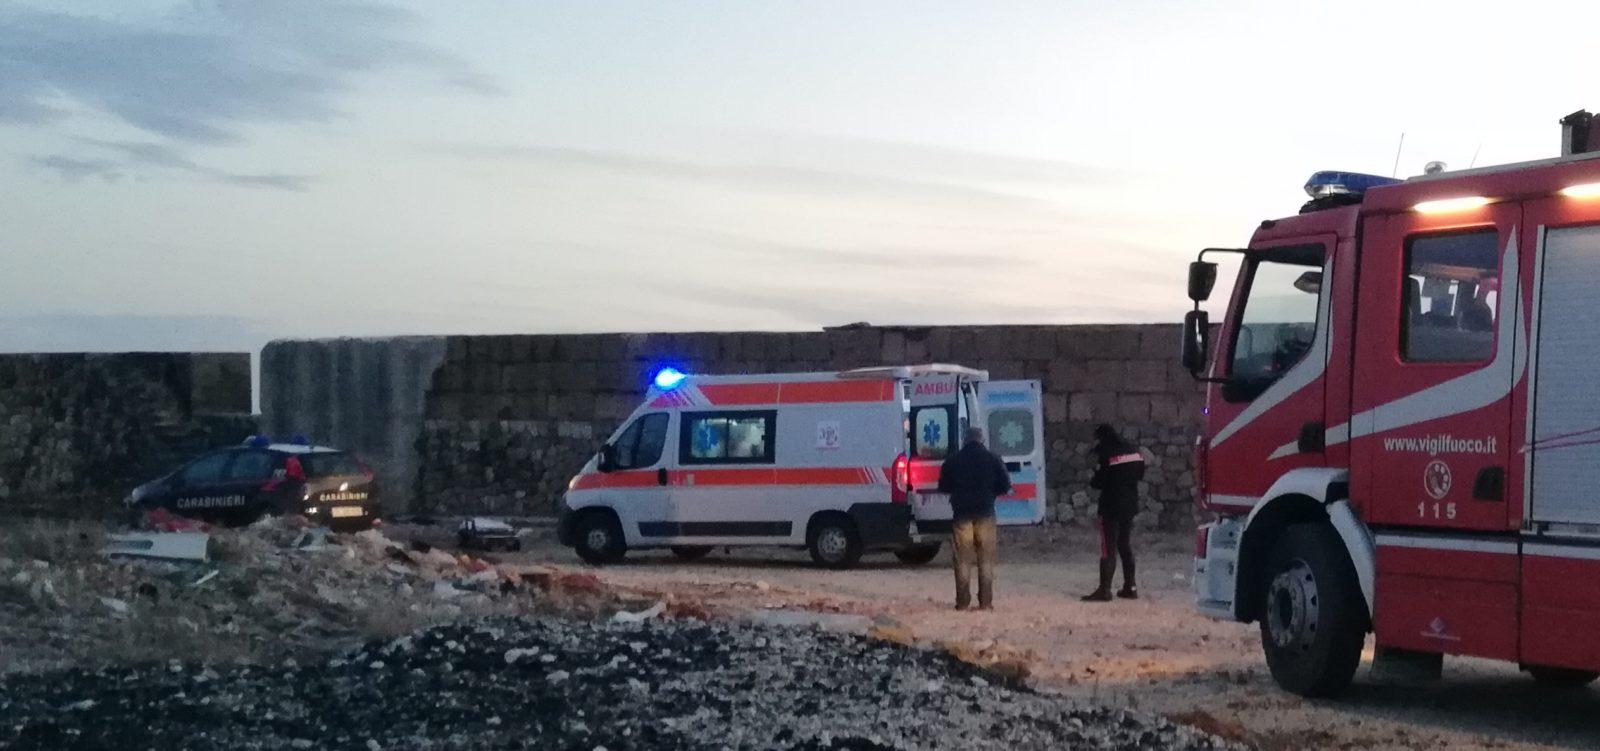 Uomo tenta suicidio al porto. Salvato dai carabinieri